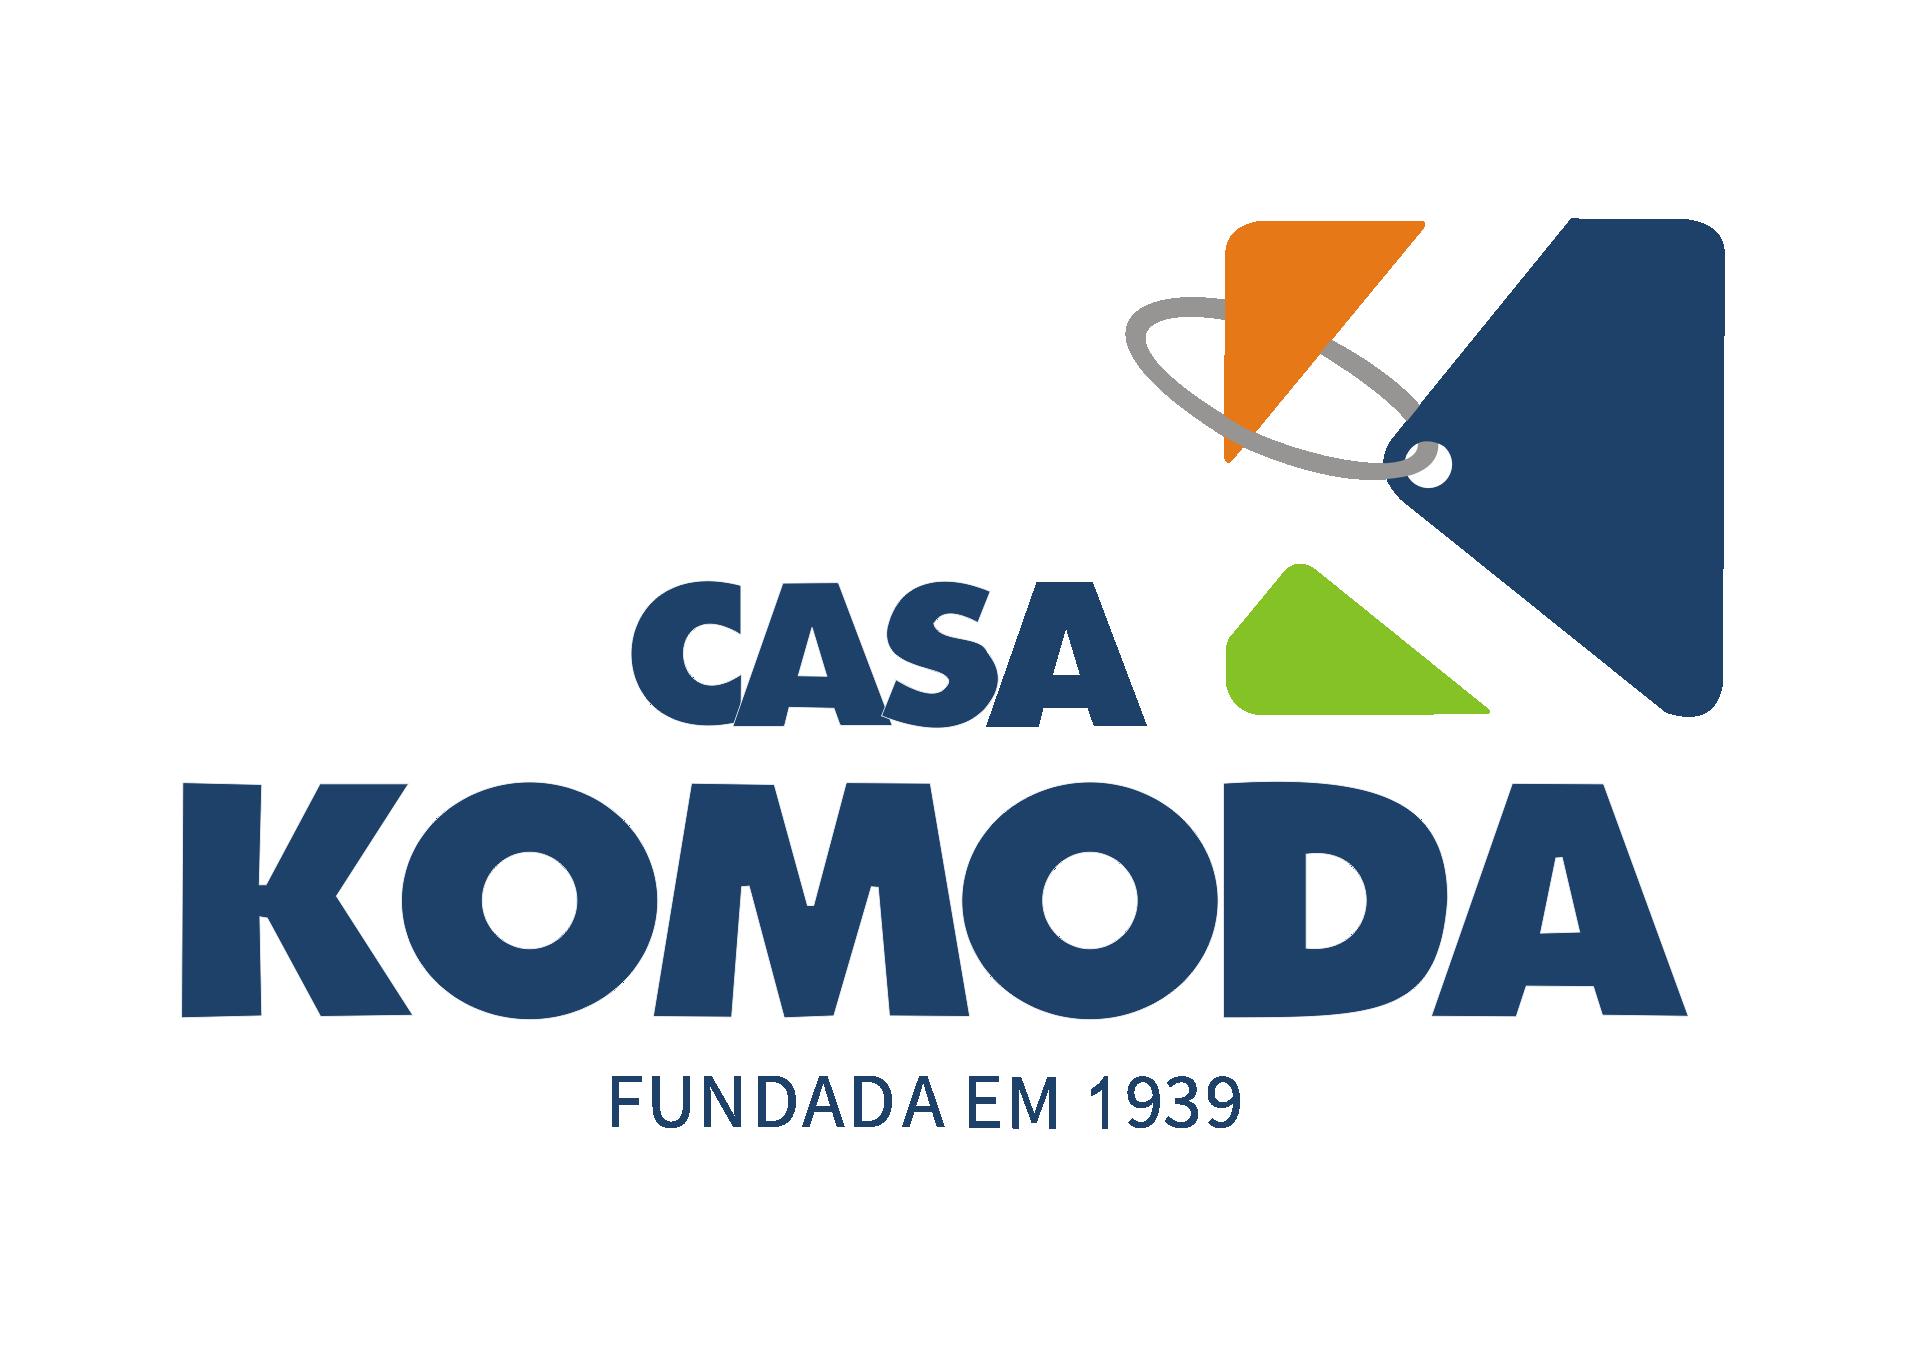 CASA KOMODA